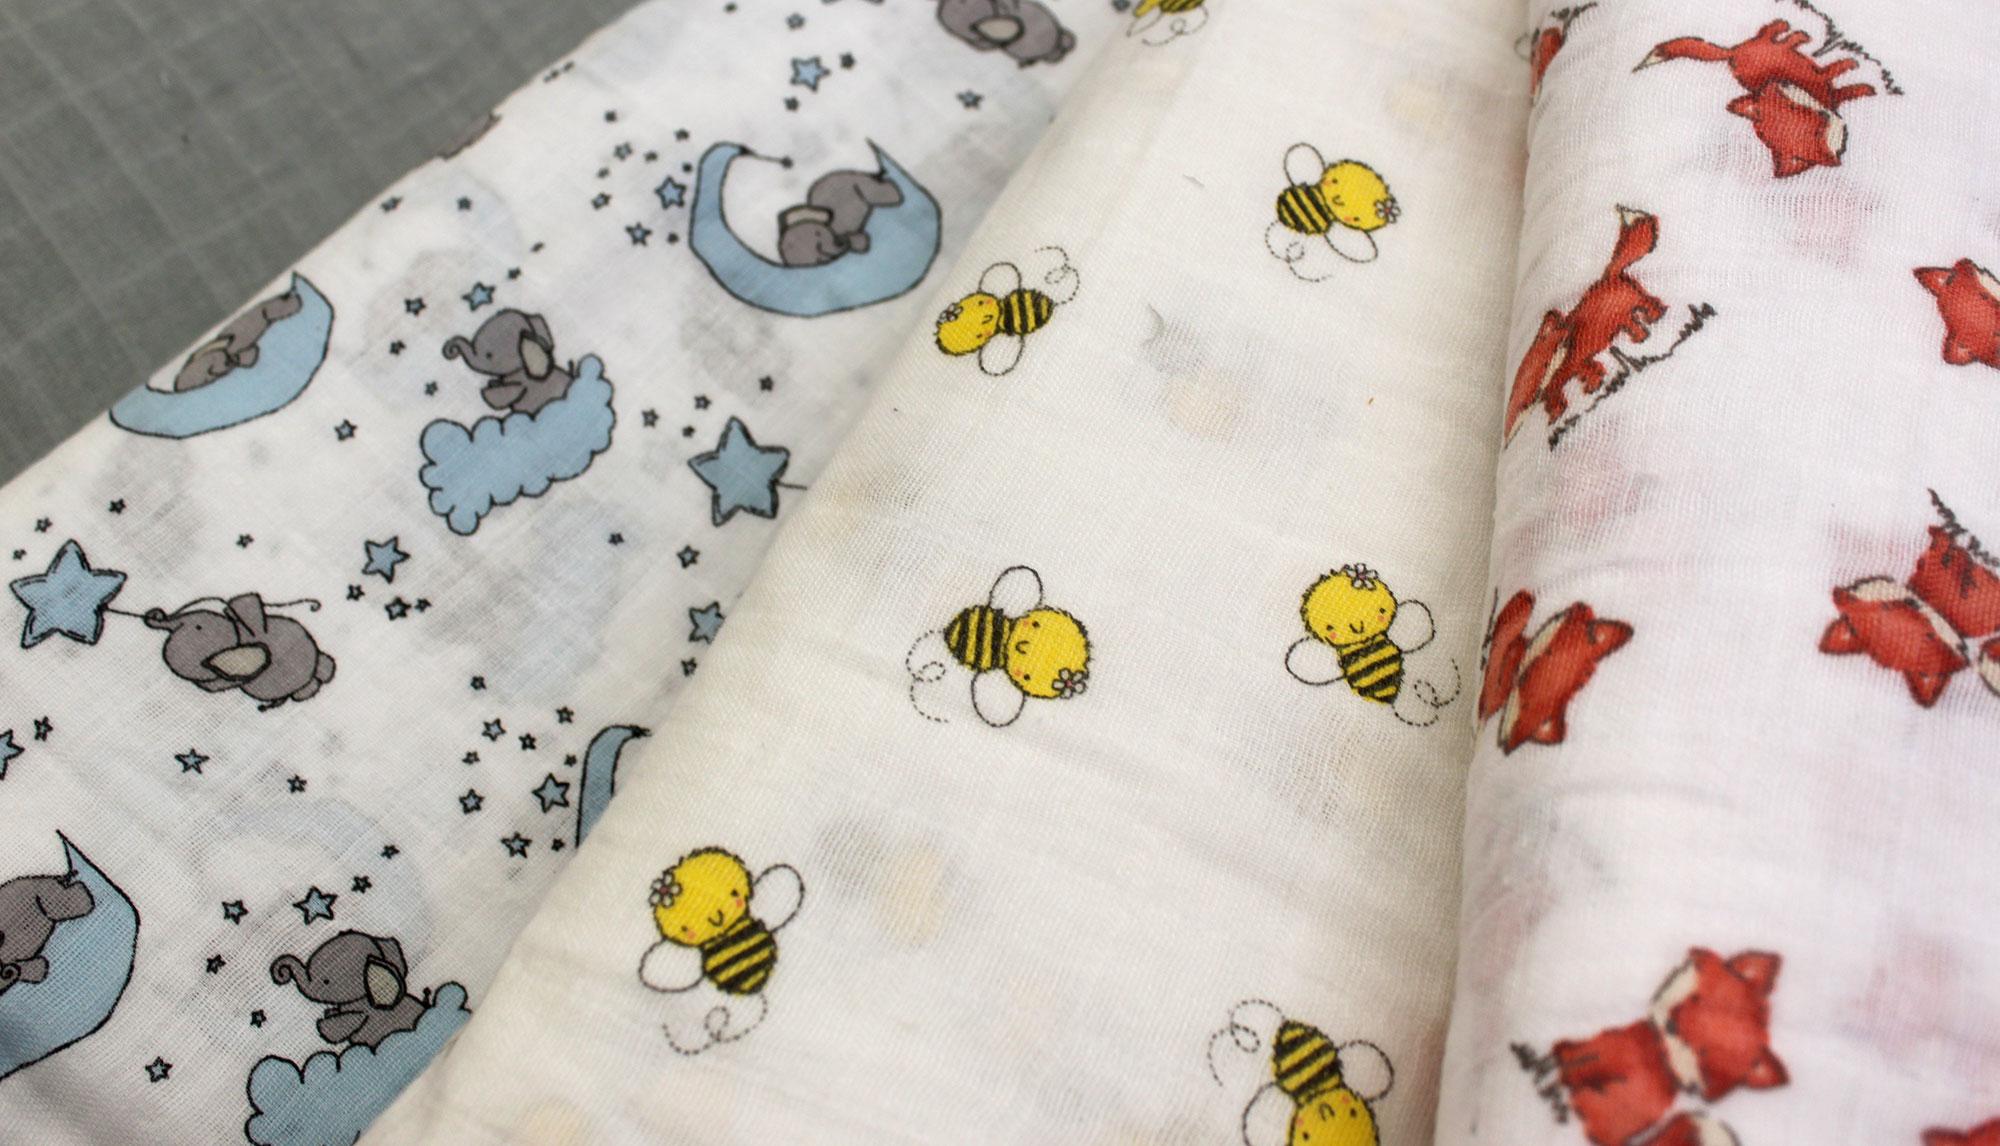 Baby-Bambino-Fabric-listowel.jpg